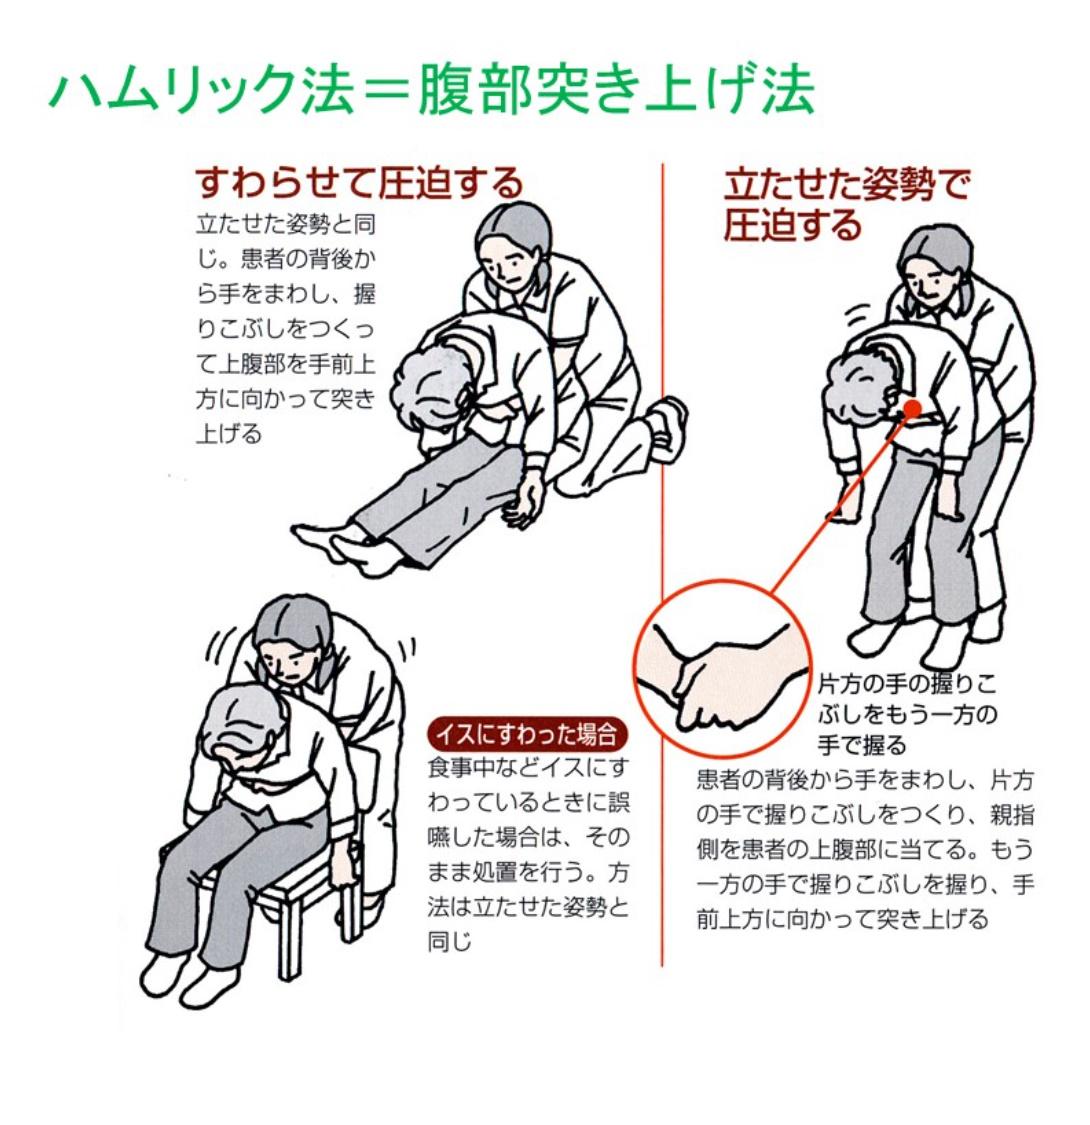 お正月だからこそ知っておきたい「腹部突き上げ法」と「背中叩打法」です